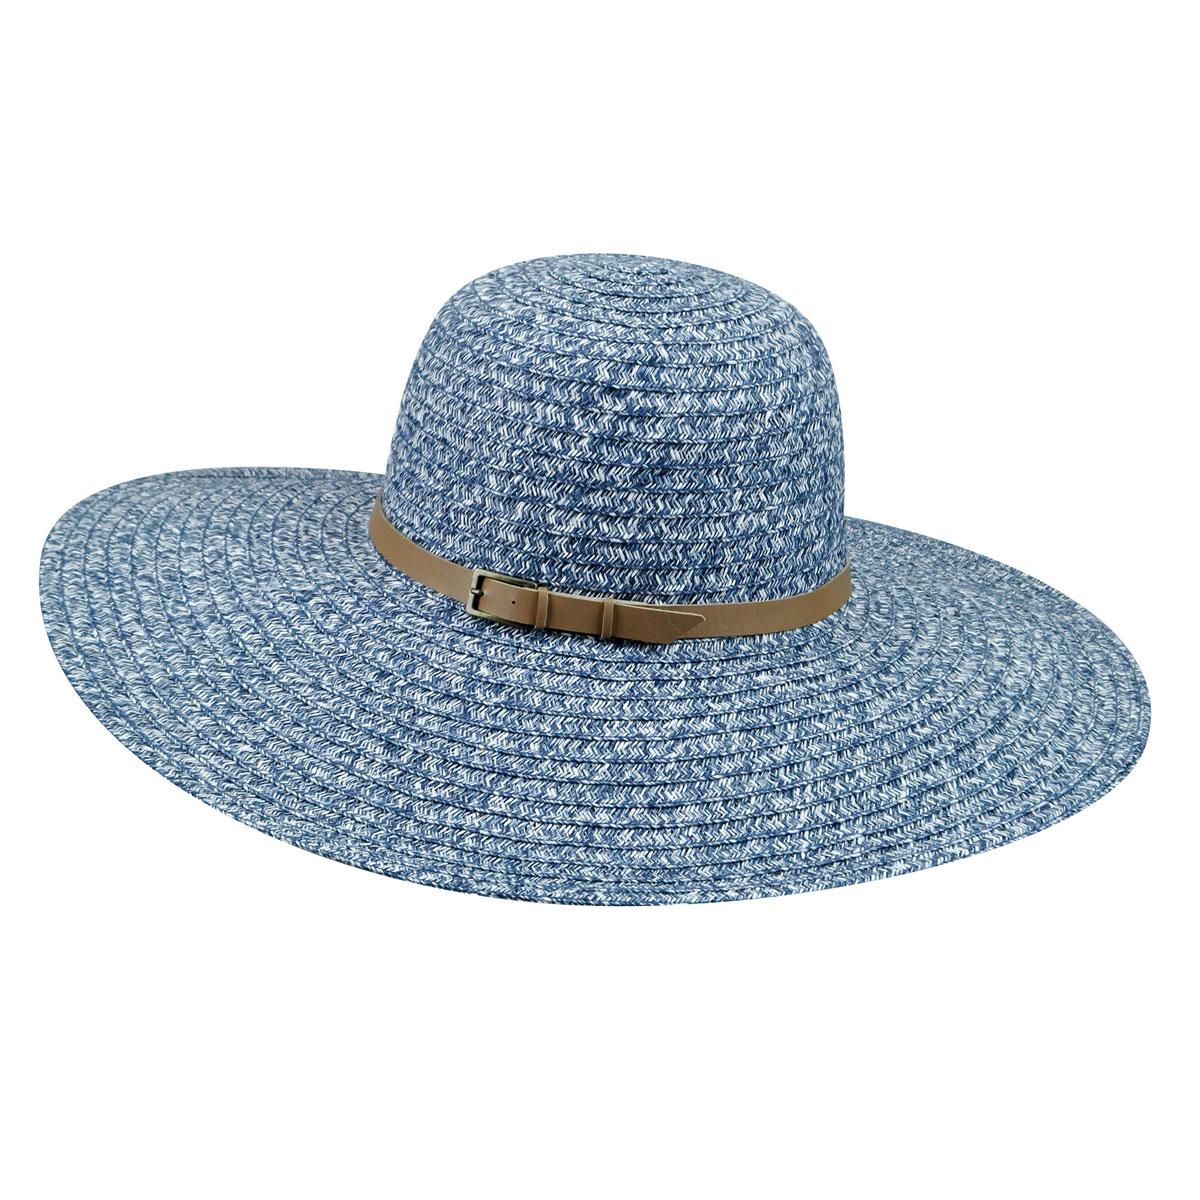 Betmar Ramona Braid Floppy Hat in Navy Multi